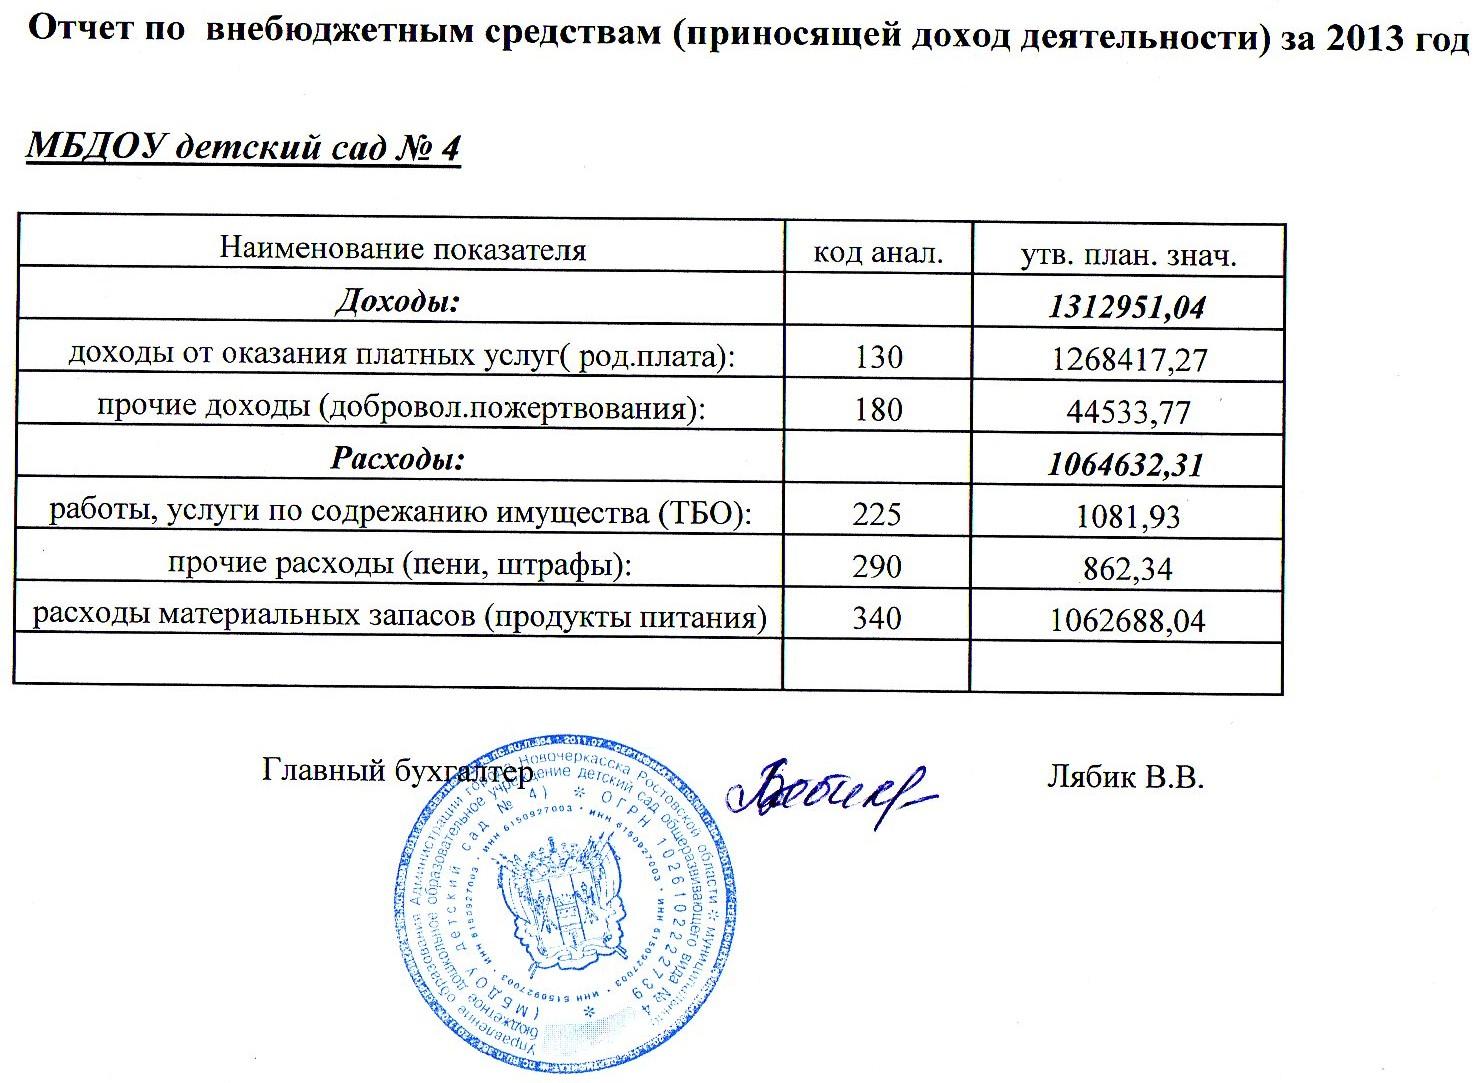 4_Отчет о расходовании внебюджетных средств за  2013